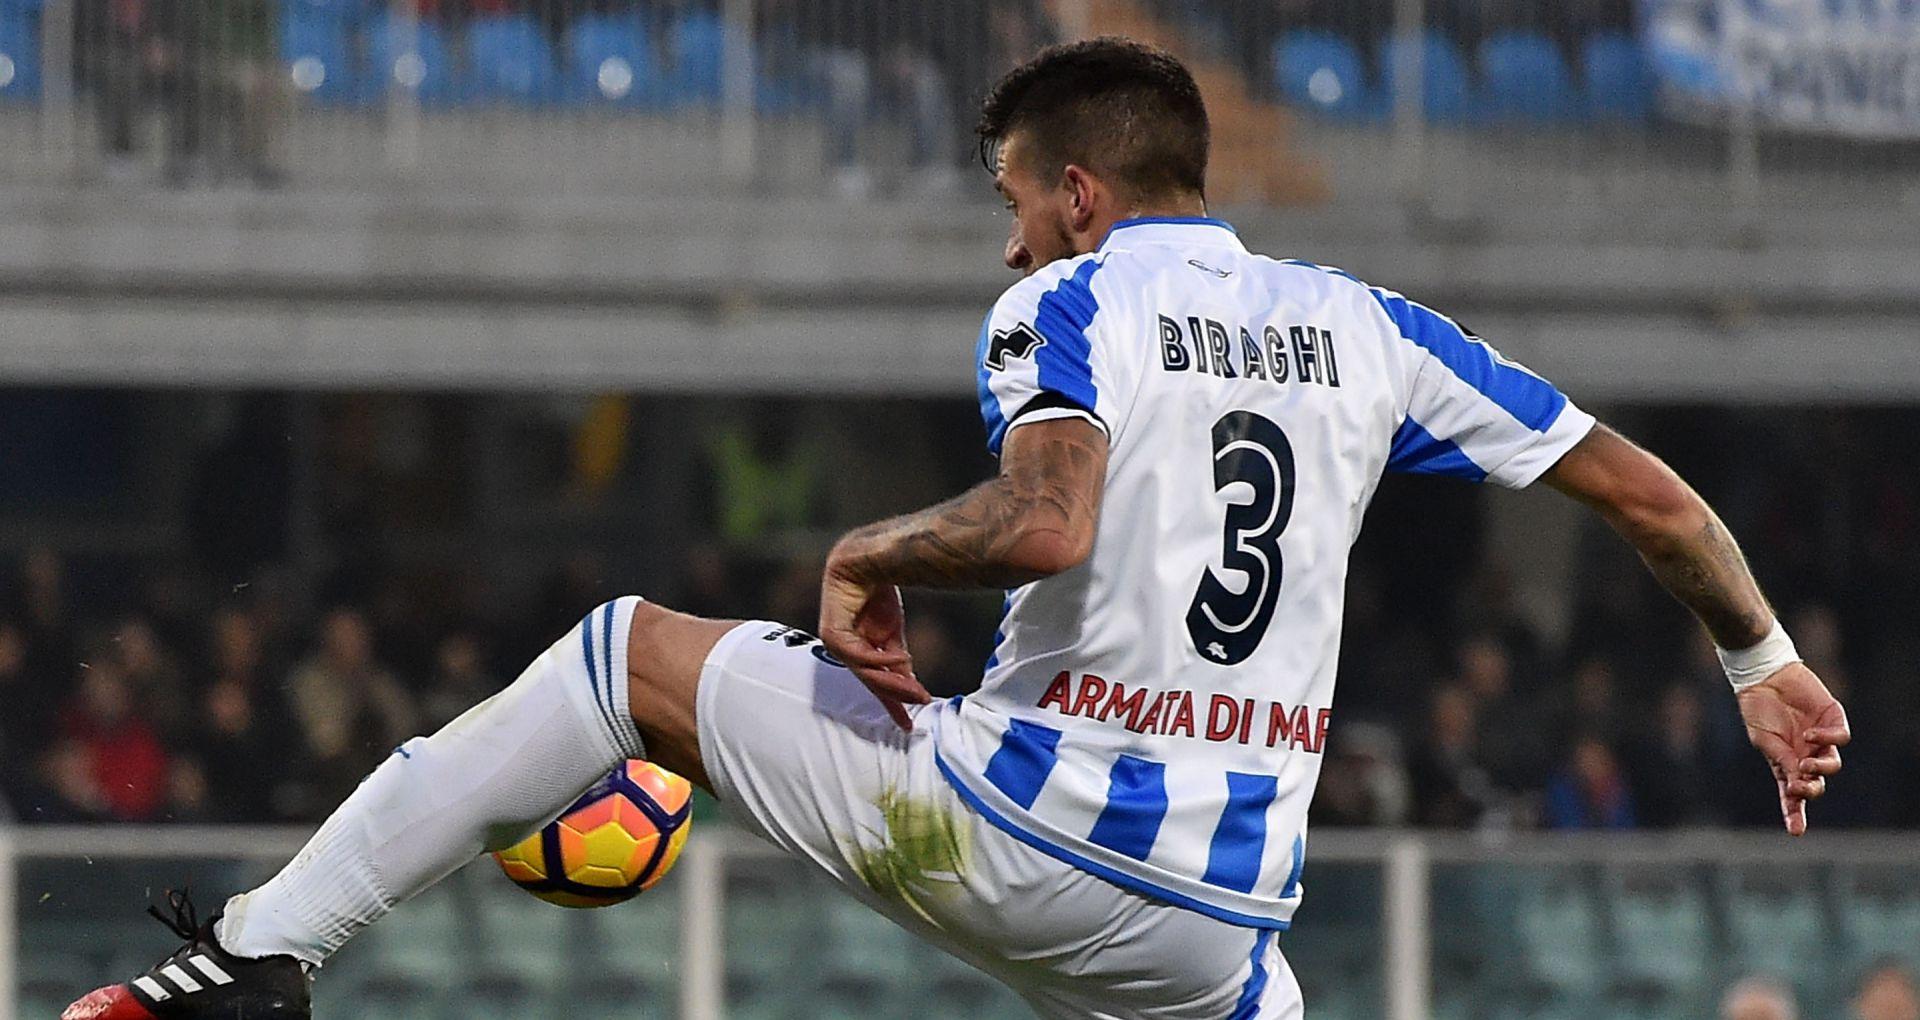 """Fiorentina, arriva anche il terzino sinistro: preso Cristiano Biraghi dal Pescara"""""""